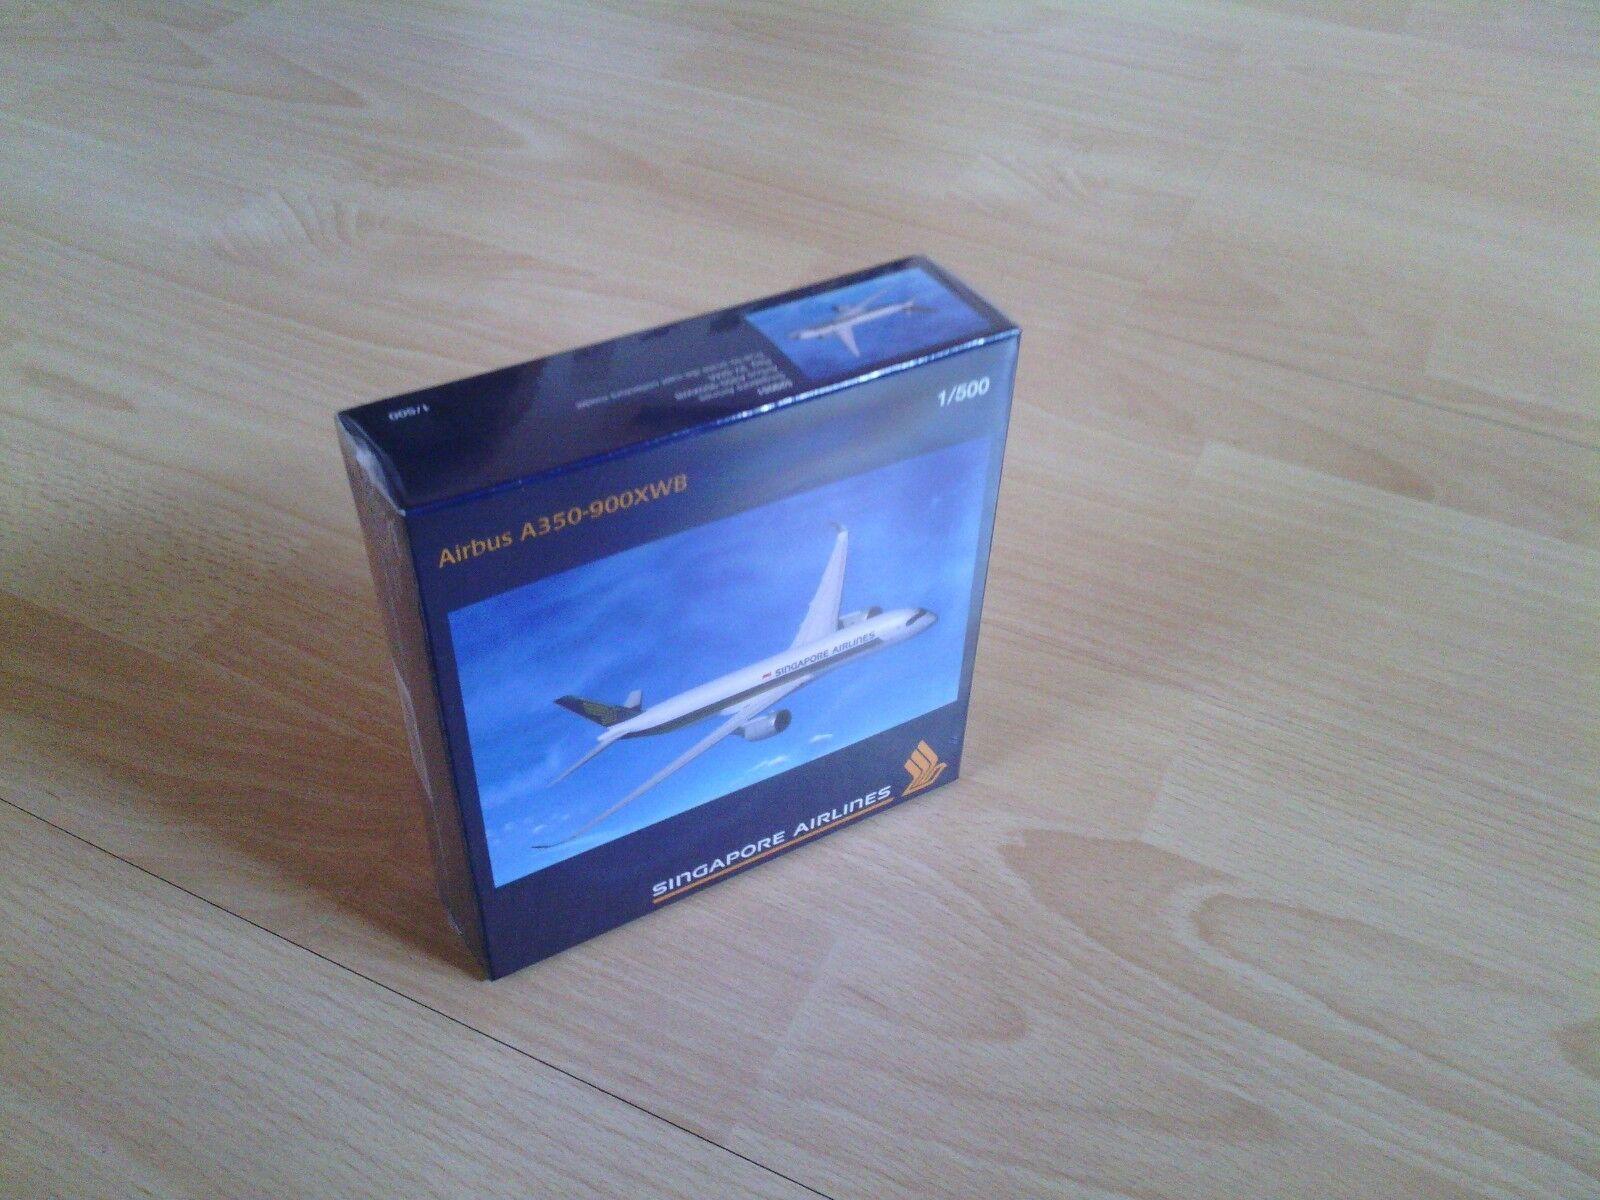 Herpa 529051 Singapore Airlines Airbus A350-900XWB 1 500  | Um Eine Hohe Bewunderung Gewinnen Und Ist Weit Verbreitet Trusted In-und